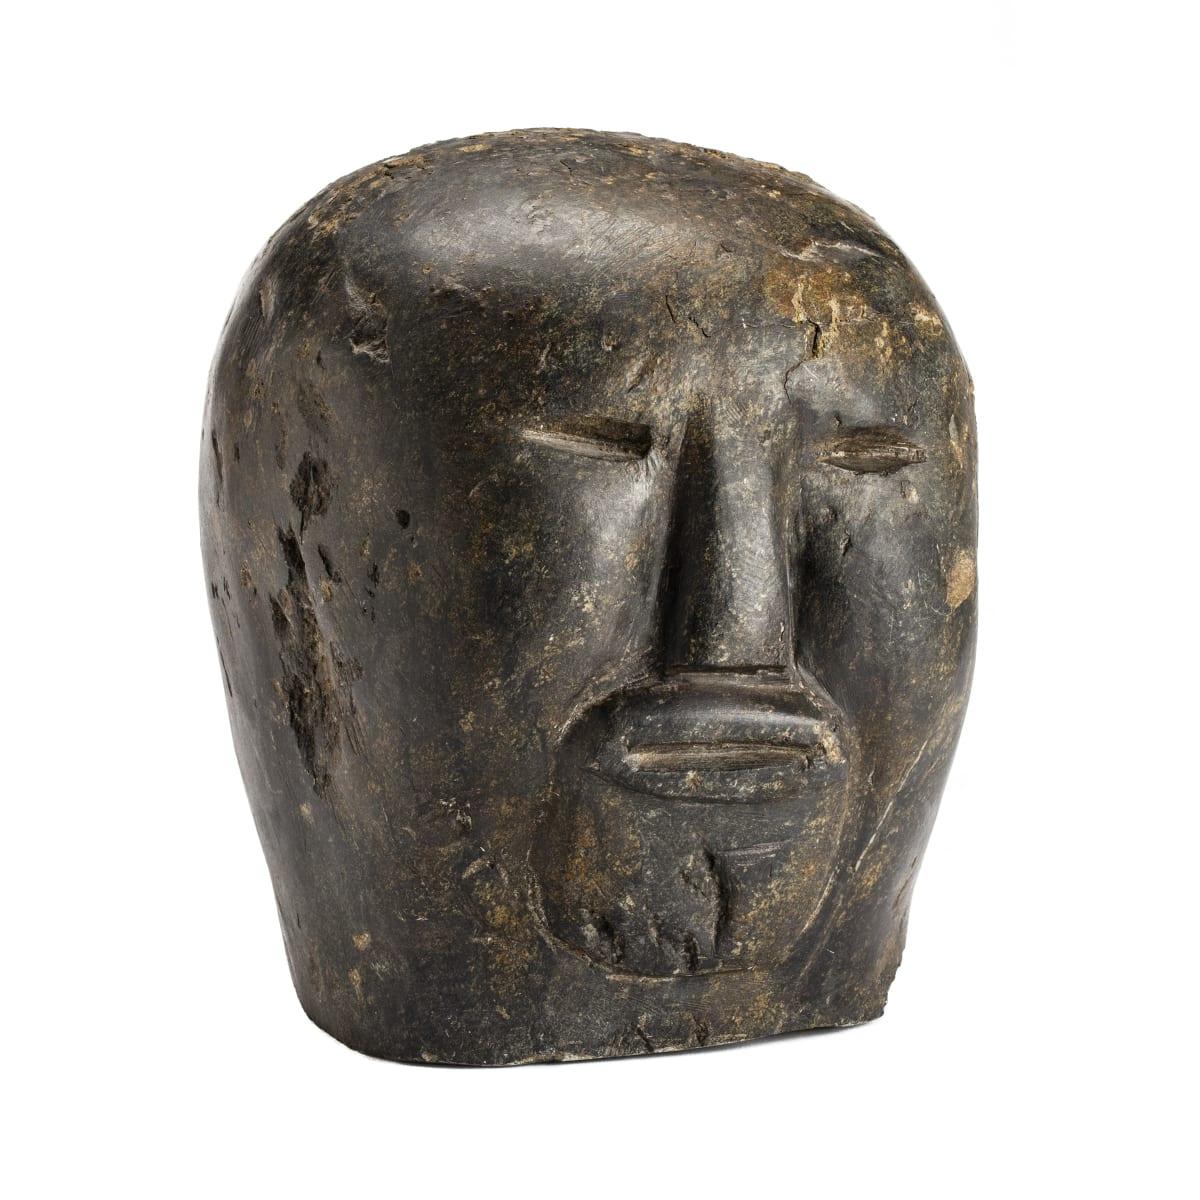 TUNA IQULIQ (1935-2015) QAMANI'TUAQ (BAKER LAKE) Head, c. 1964 ESTIMATE: $4,000 — $6,000 PRICE REALIZED: $21,600 A WORLD RECORD PRICE FOR THE ARTIST AT AUCTION.